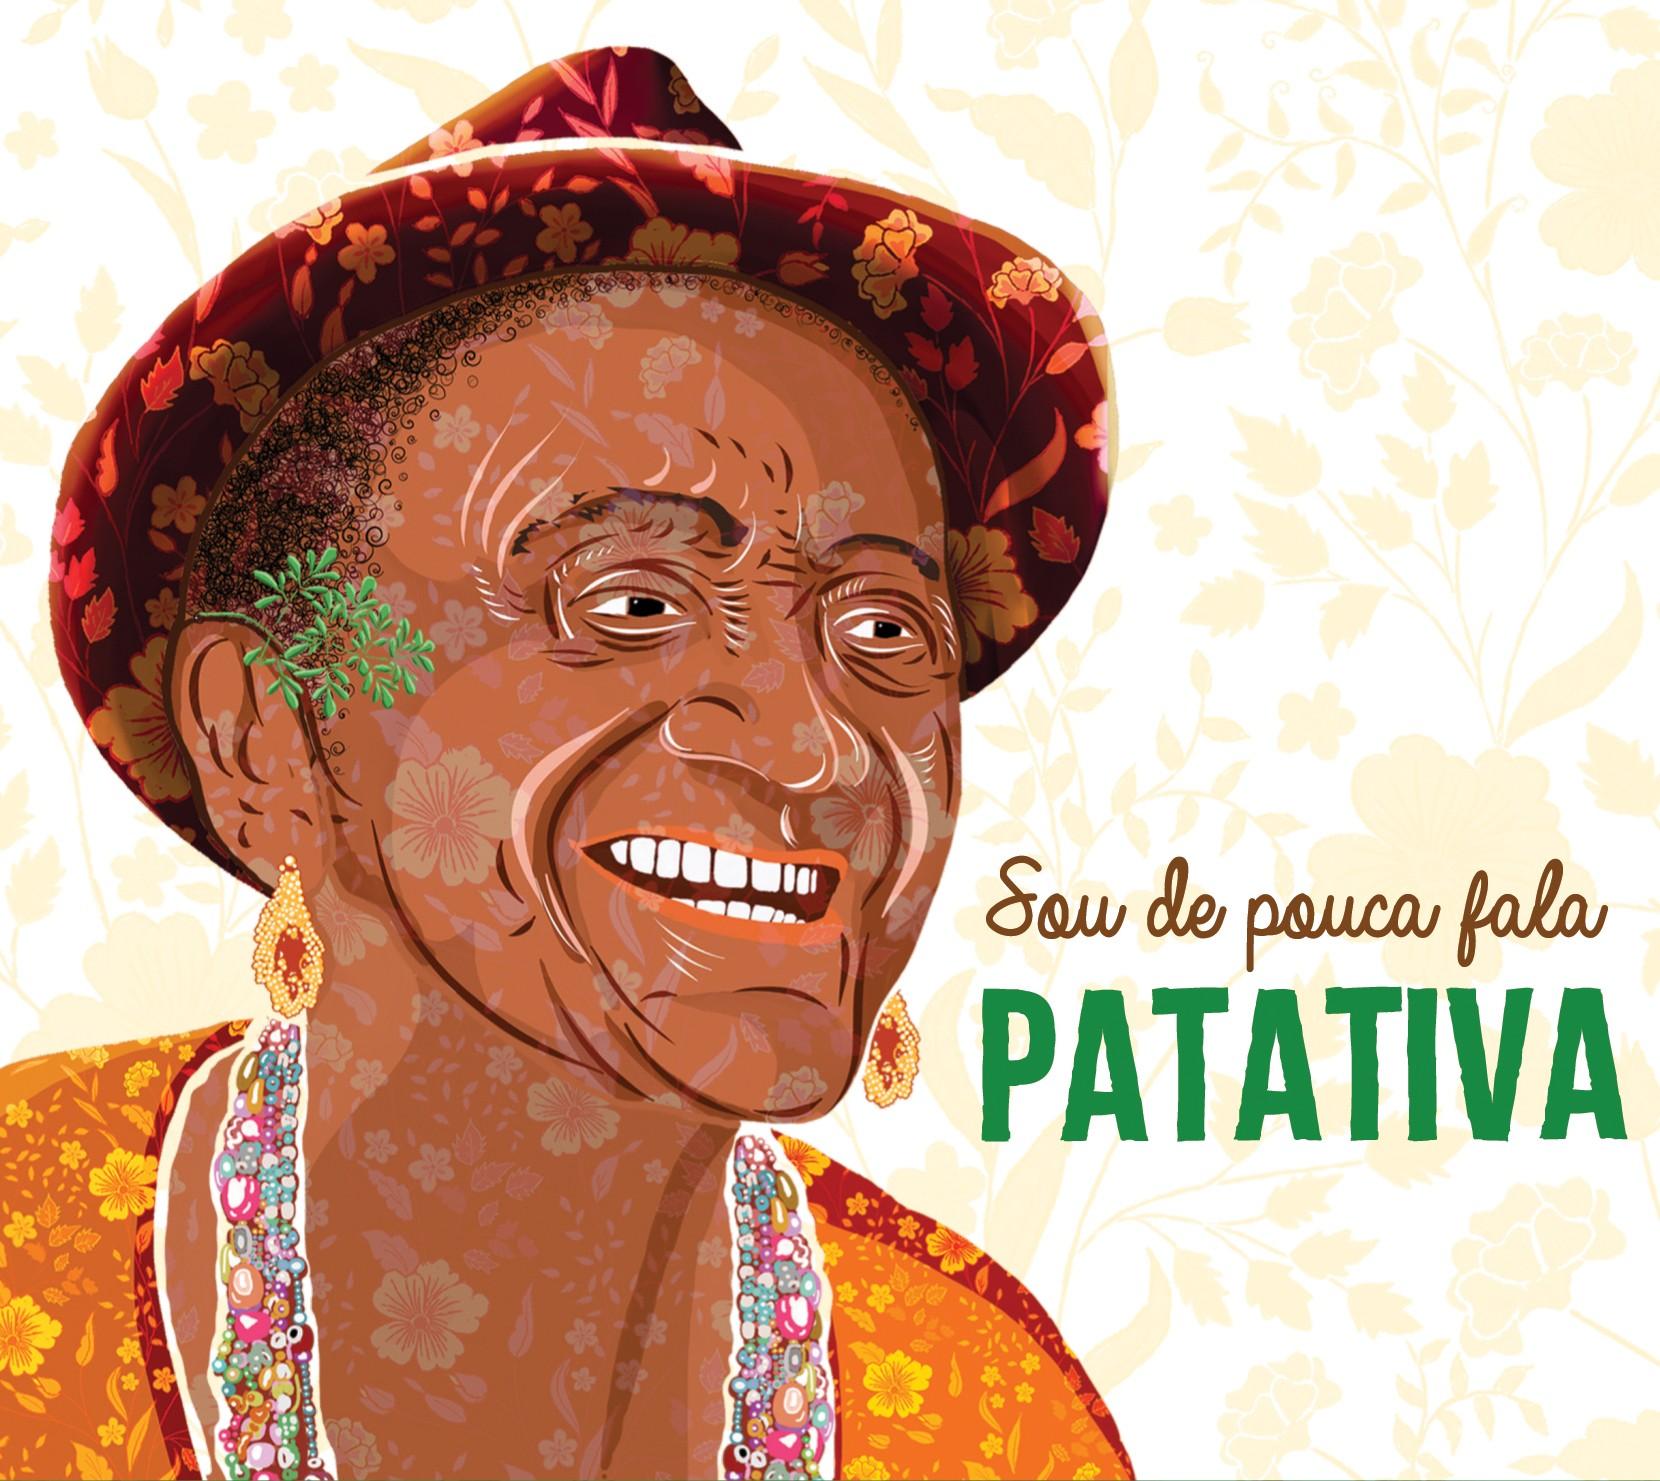 Artista maranhense Patativa lança o segundo álbum às vésperas dos 82 anos - Notícias - Plantão Diário